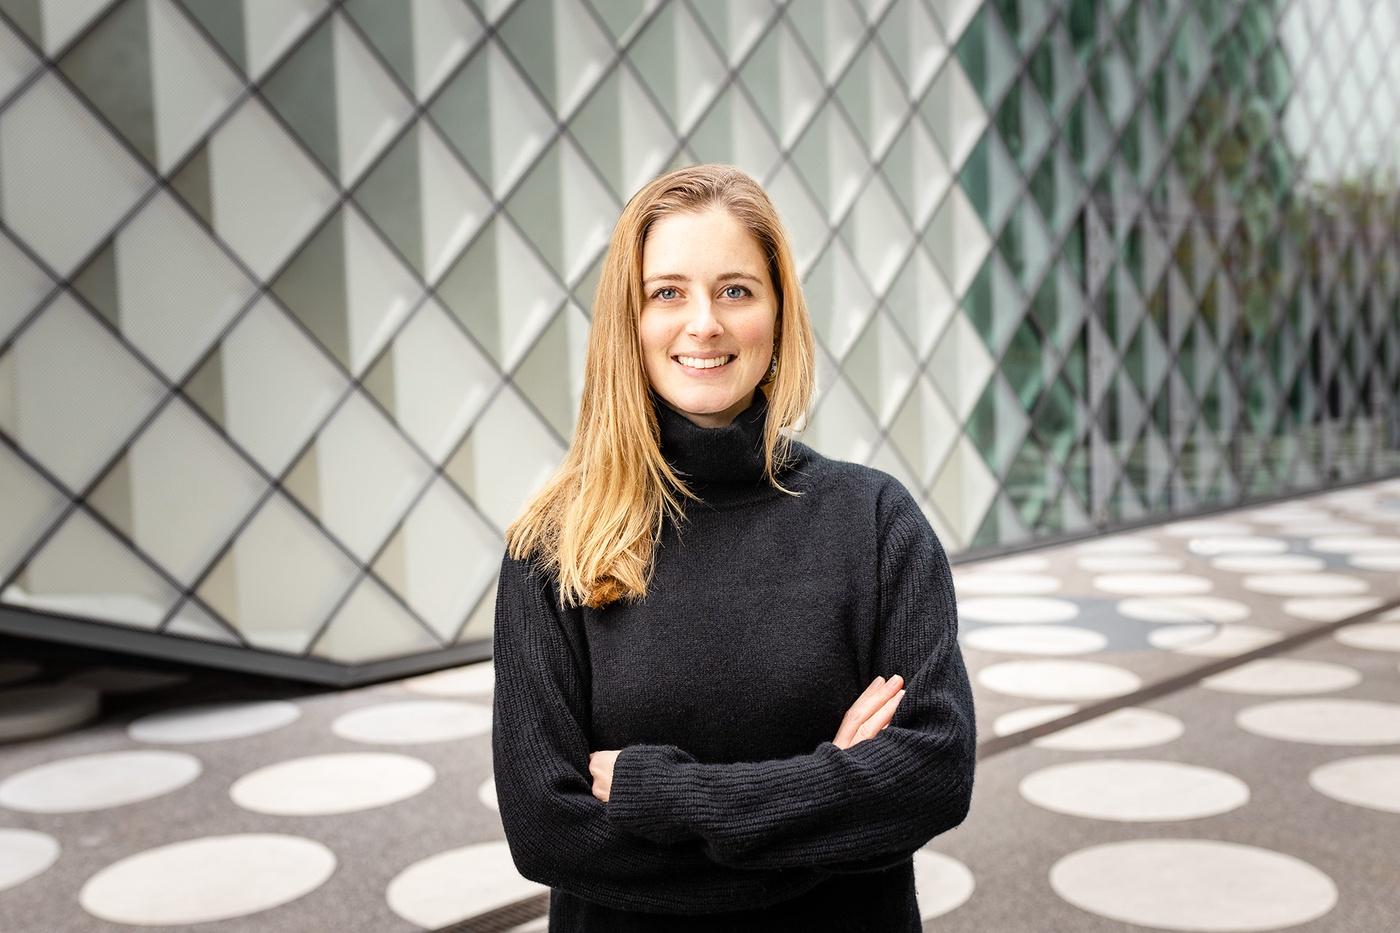 Folge 162: Caroline Weimann, wie kämpft JoinPolitics gegen Politik-Verdrossenheit?